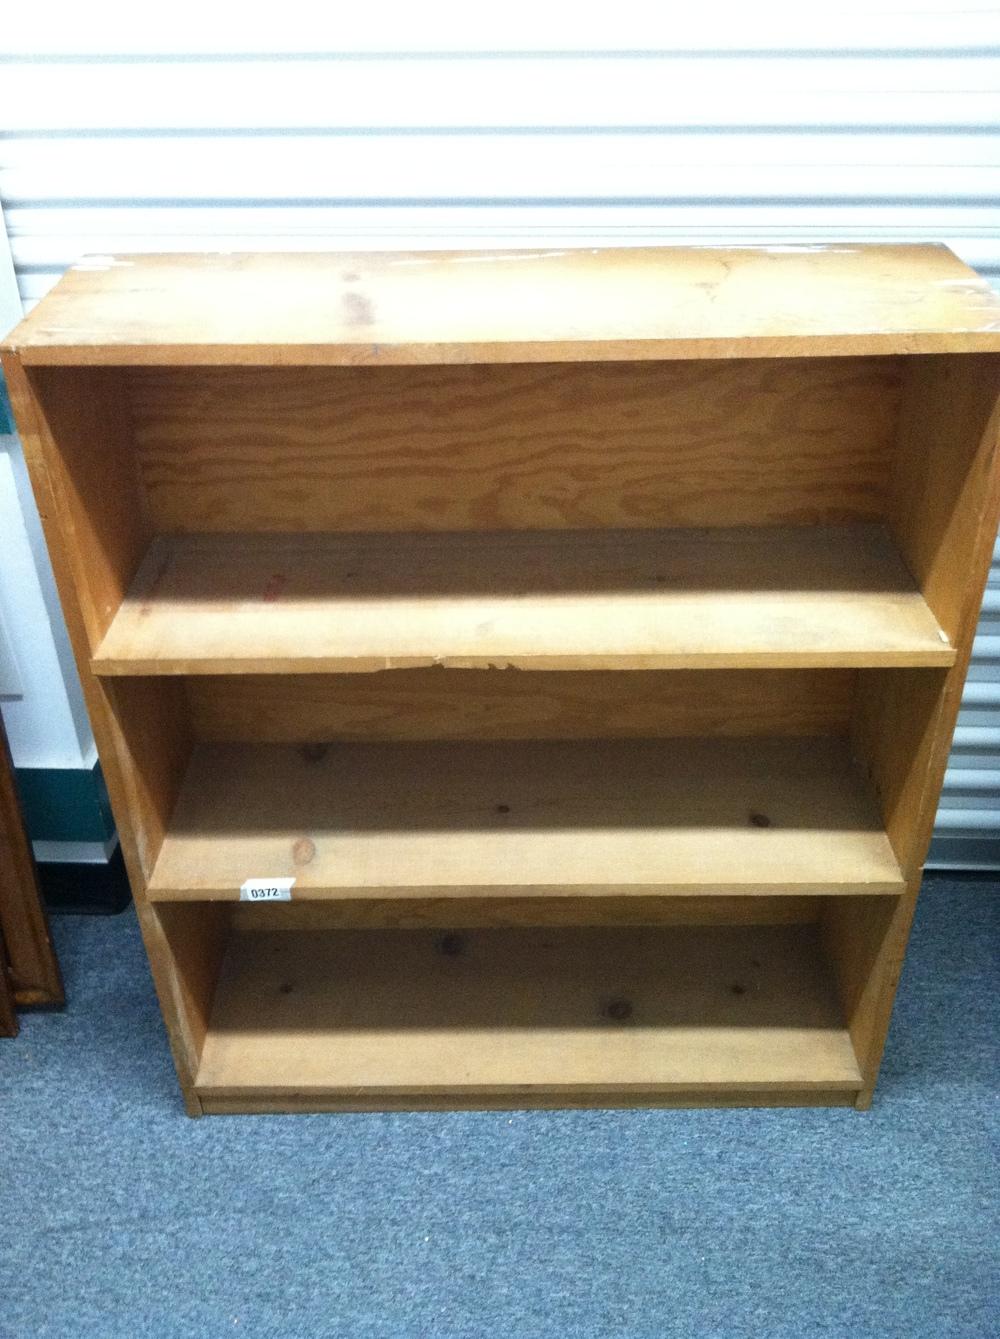 0372: Wood Shelf